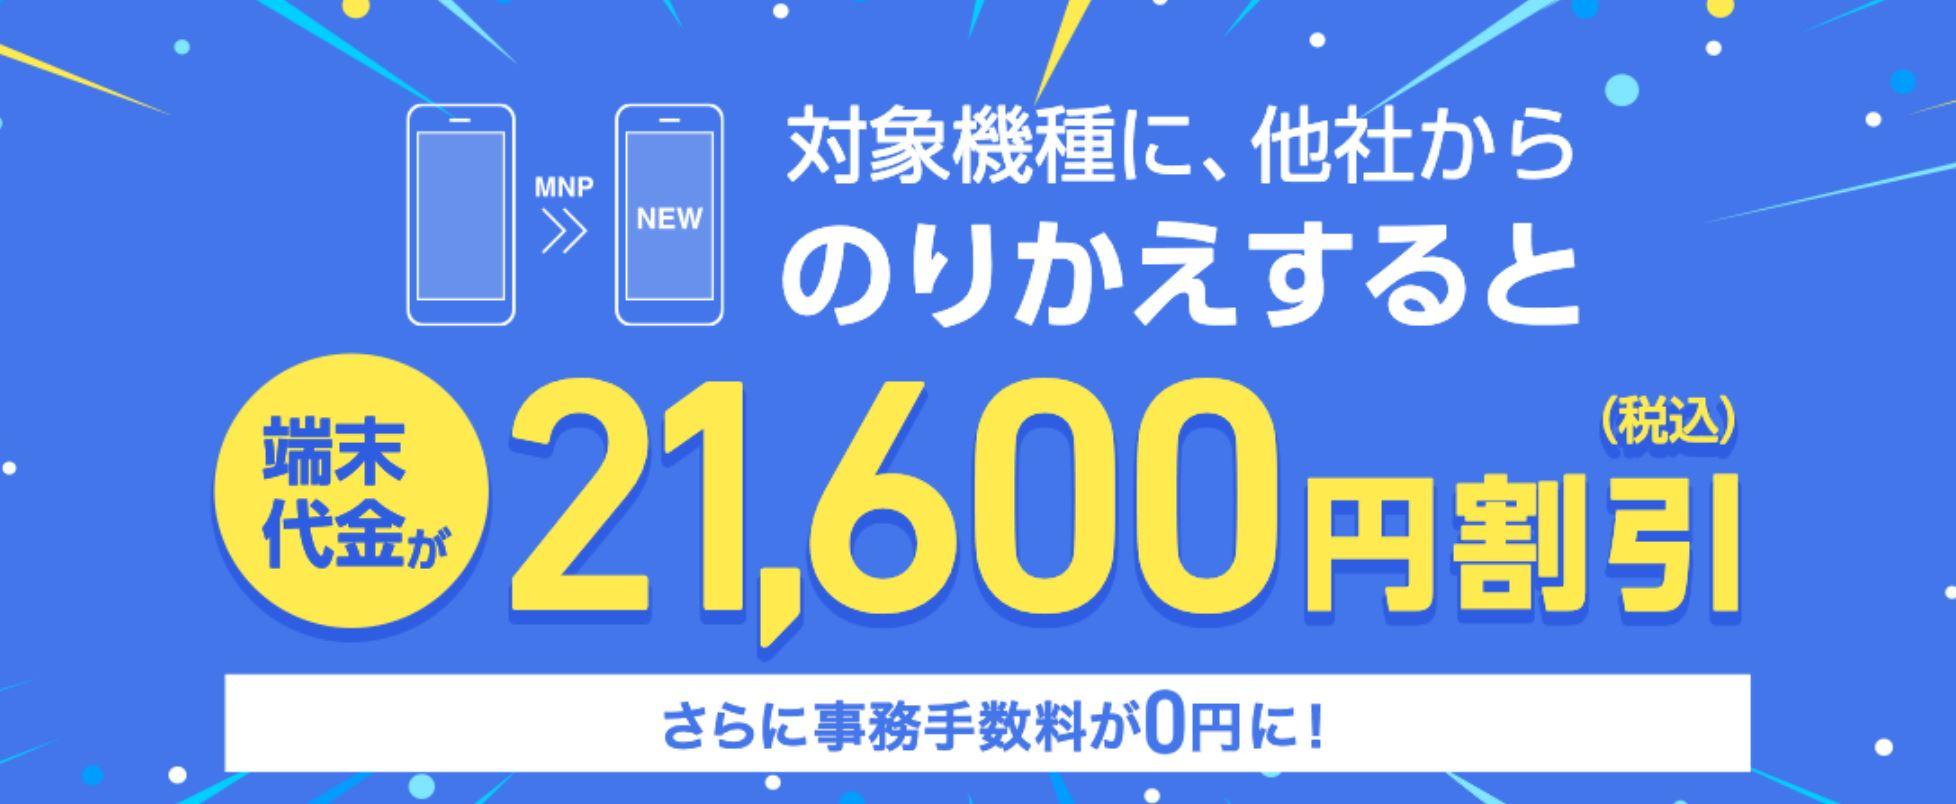 ソフトバンク_SoftBank_スマホ_web割_キャンペーン